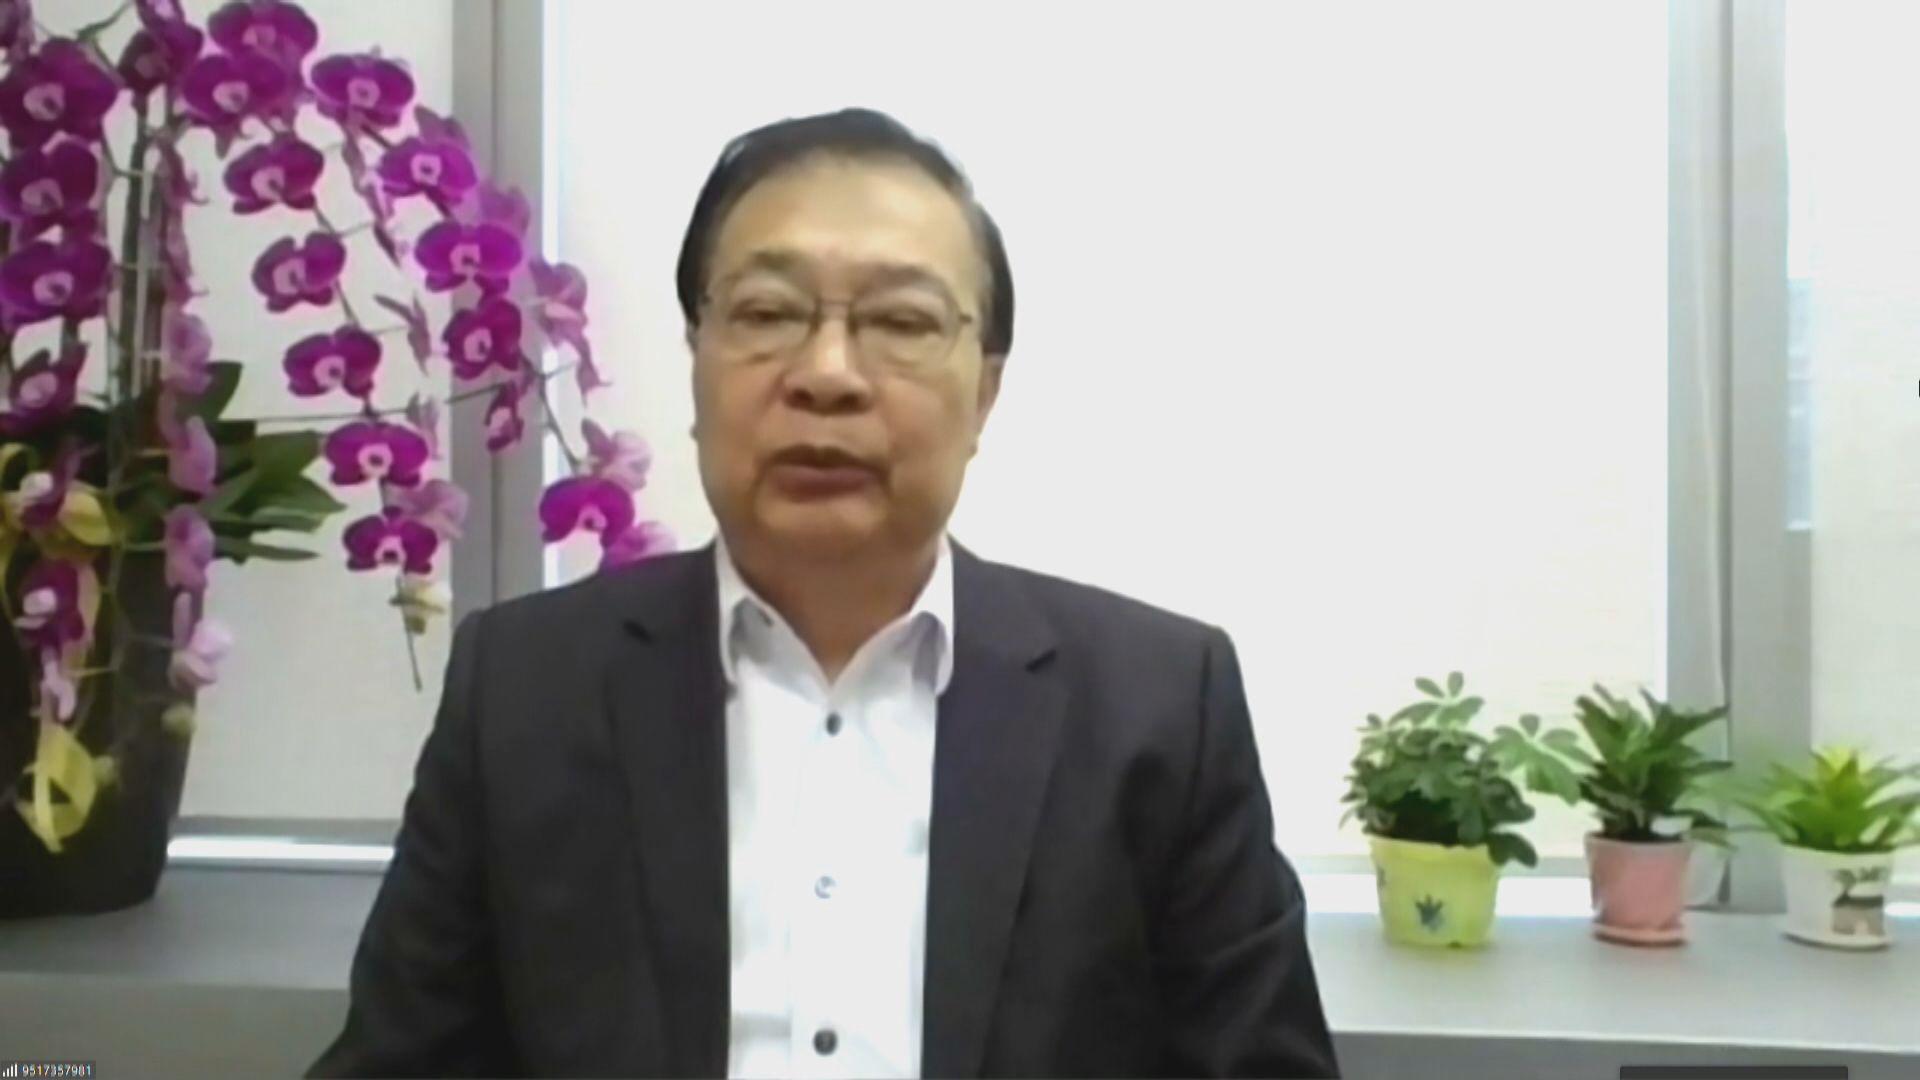 譚耀宗:市民應重視及理解國安法條文 勿以身試法